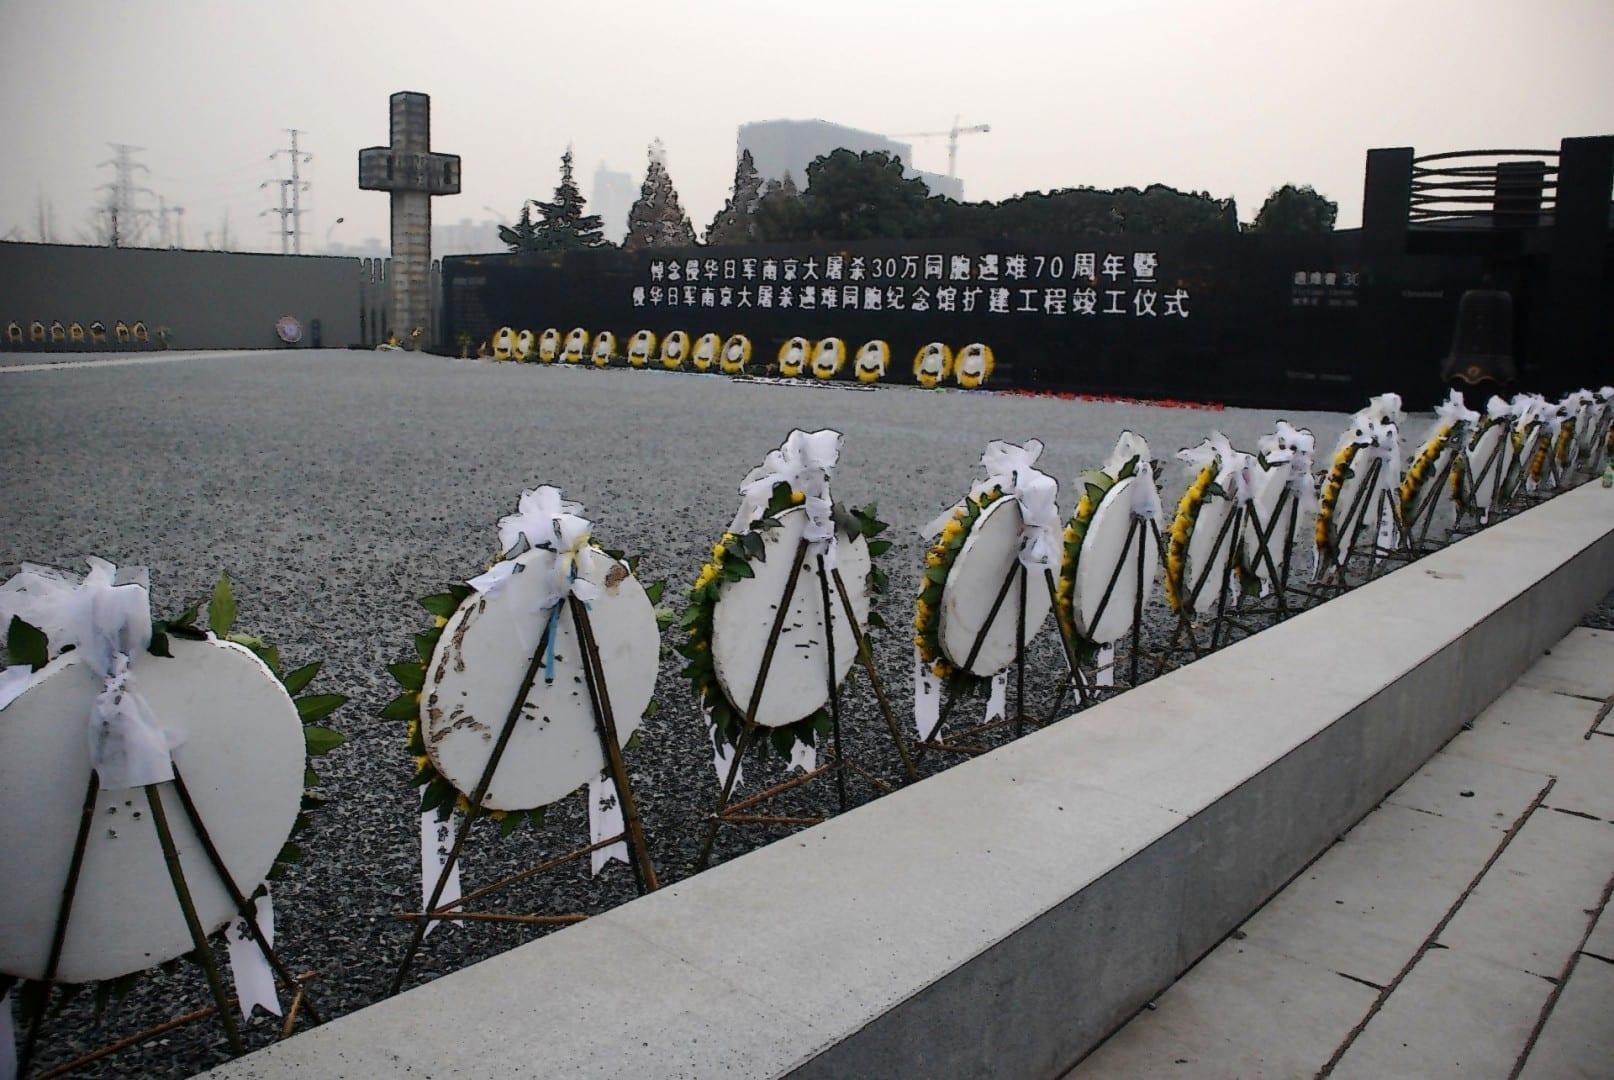 El monumento a la masacre de Nanjing es un escalofriante recordatorio del lugar que ocupó Nanjing en la historia durante la Segunda Guerra Mundial. Nanjing China